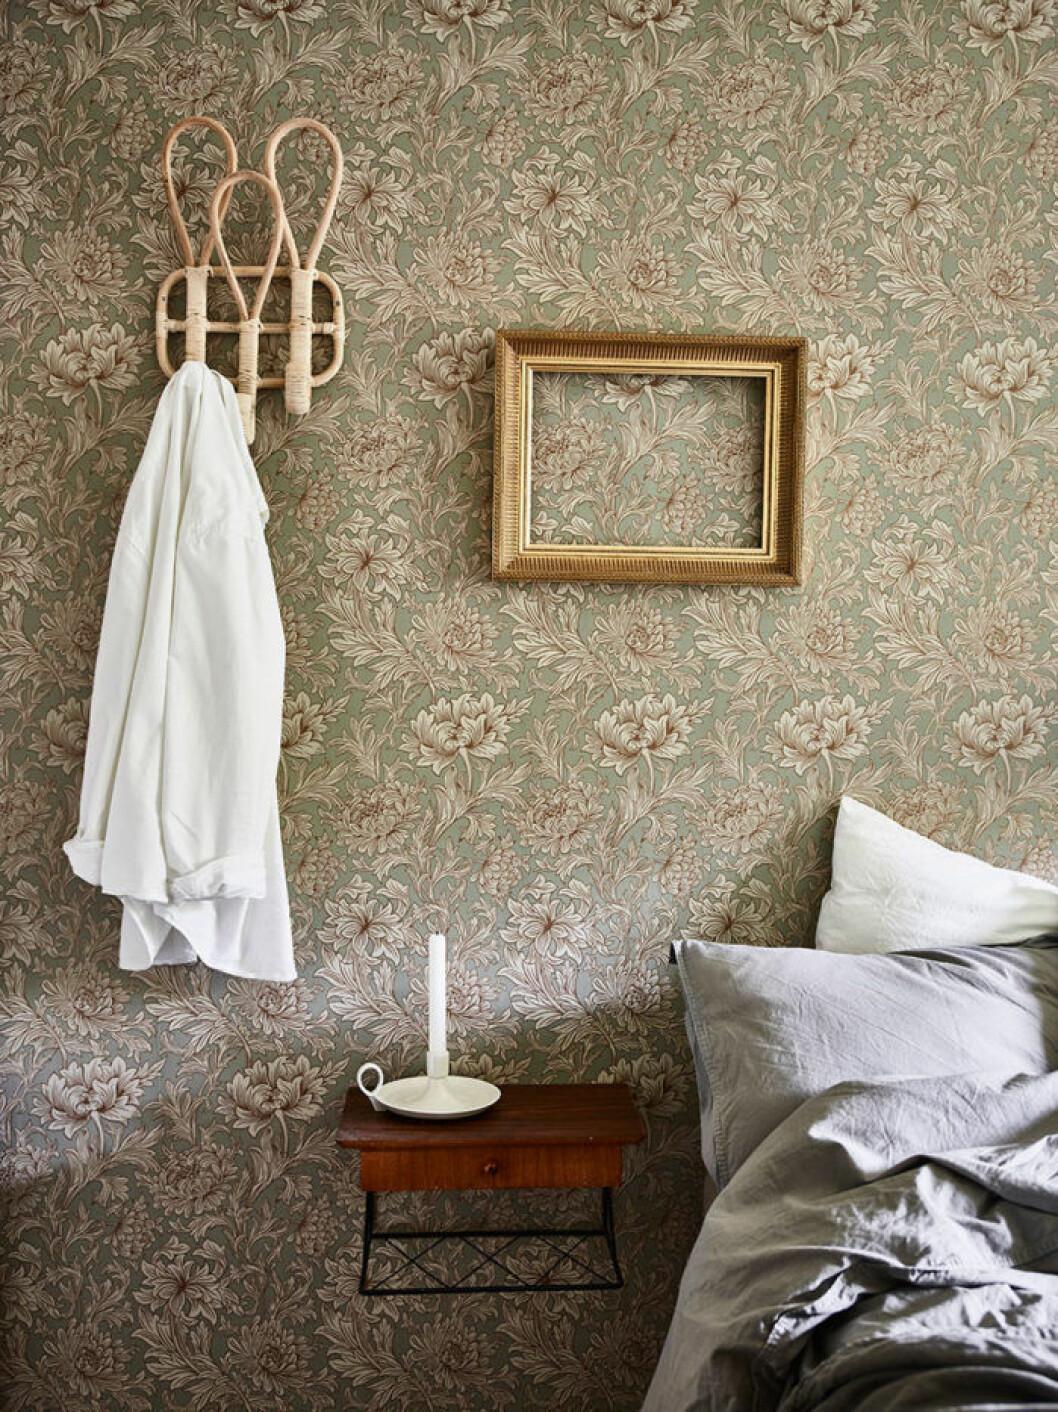 Sovrum med blommig tapet och bphemiska inredningsdetaljer